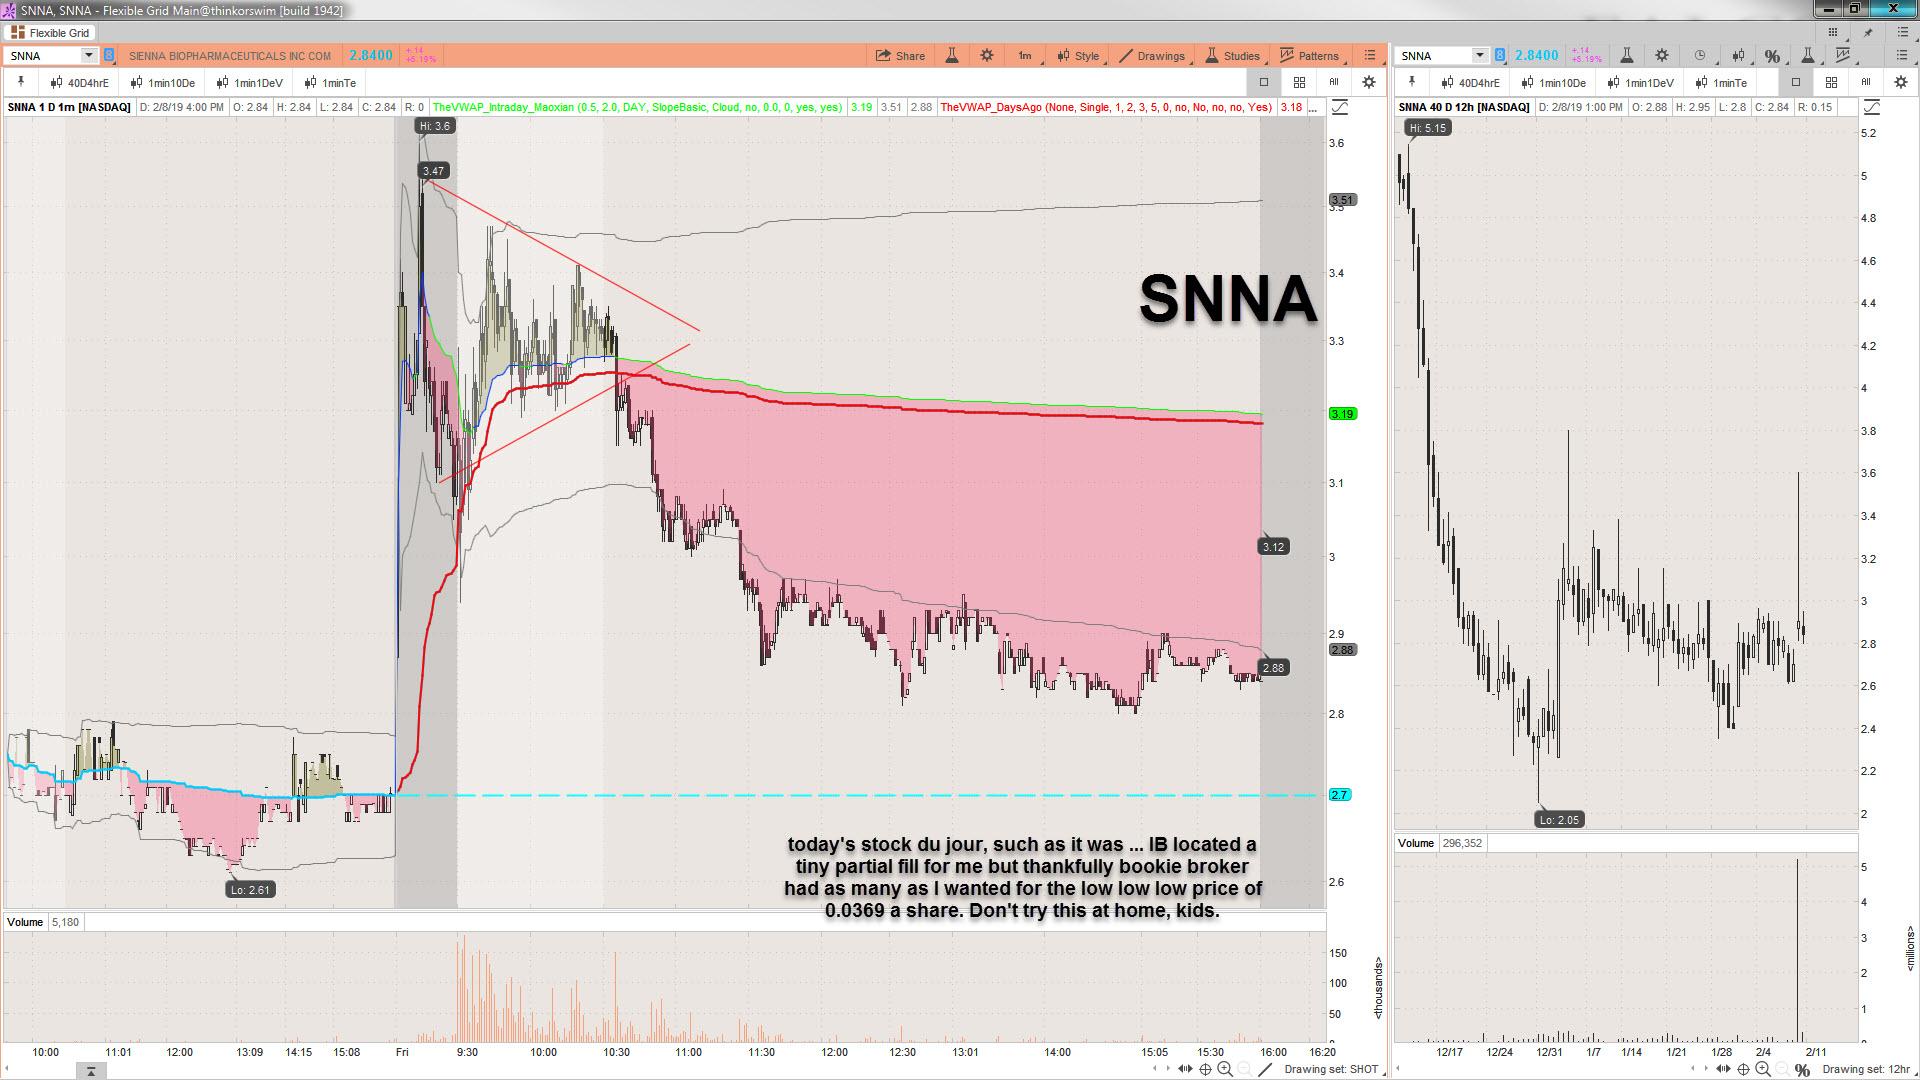 2019-02-08_16-10-25 SNNA.jpg